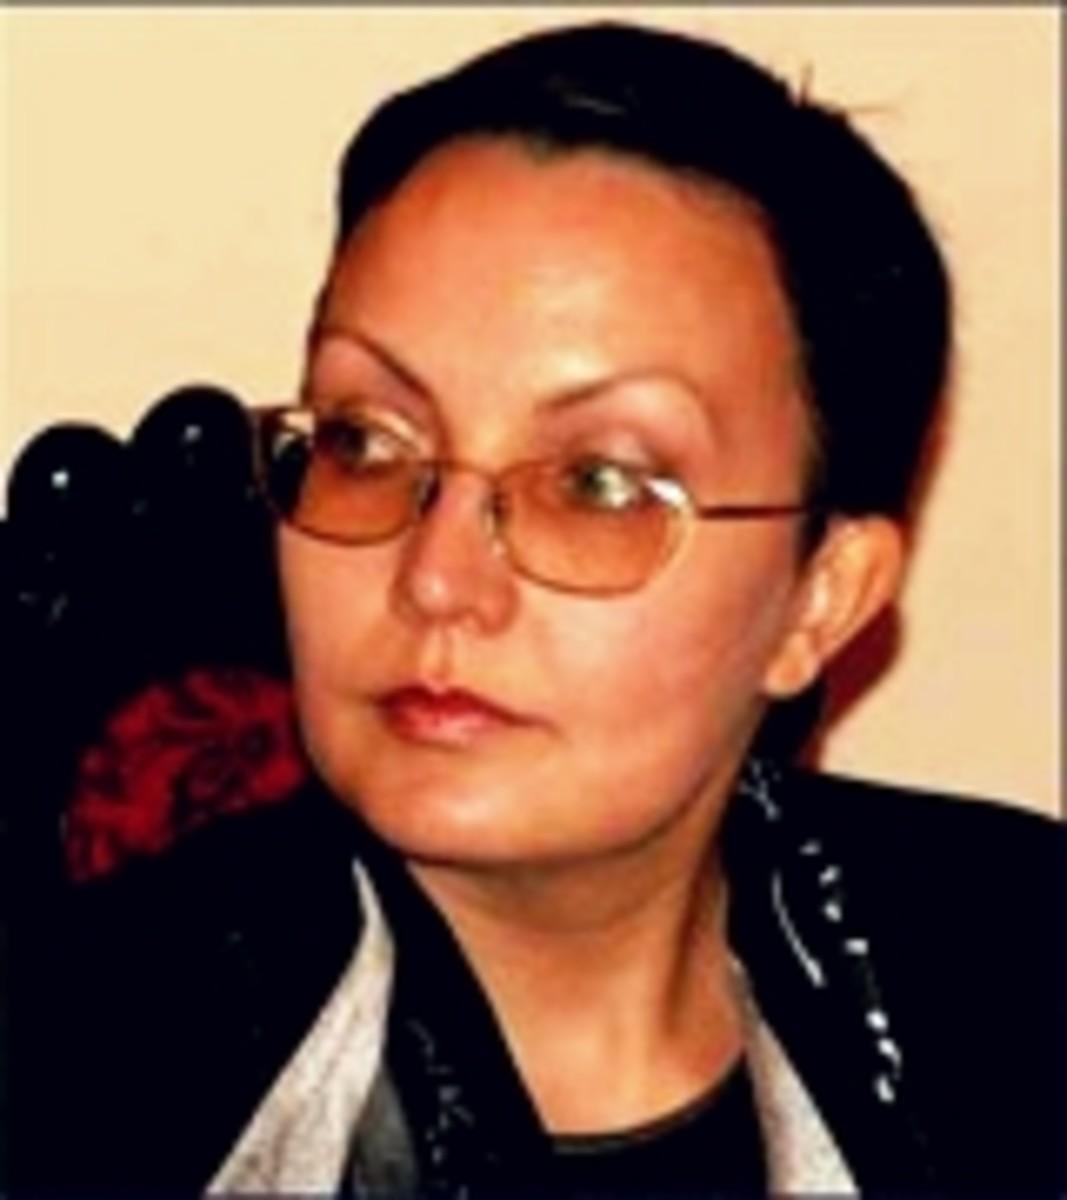 Dr Natalia Zheleznova from Russia